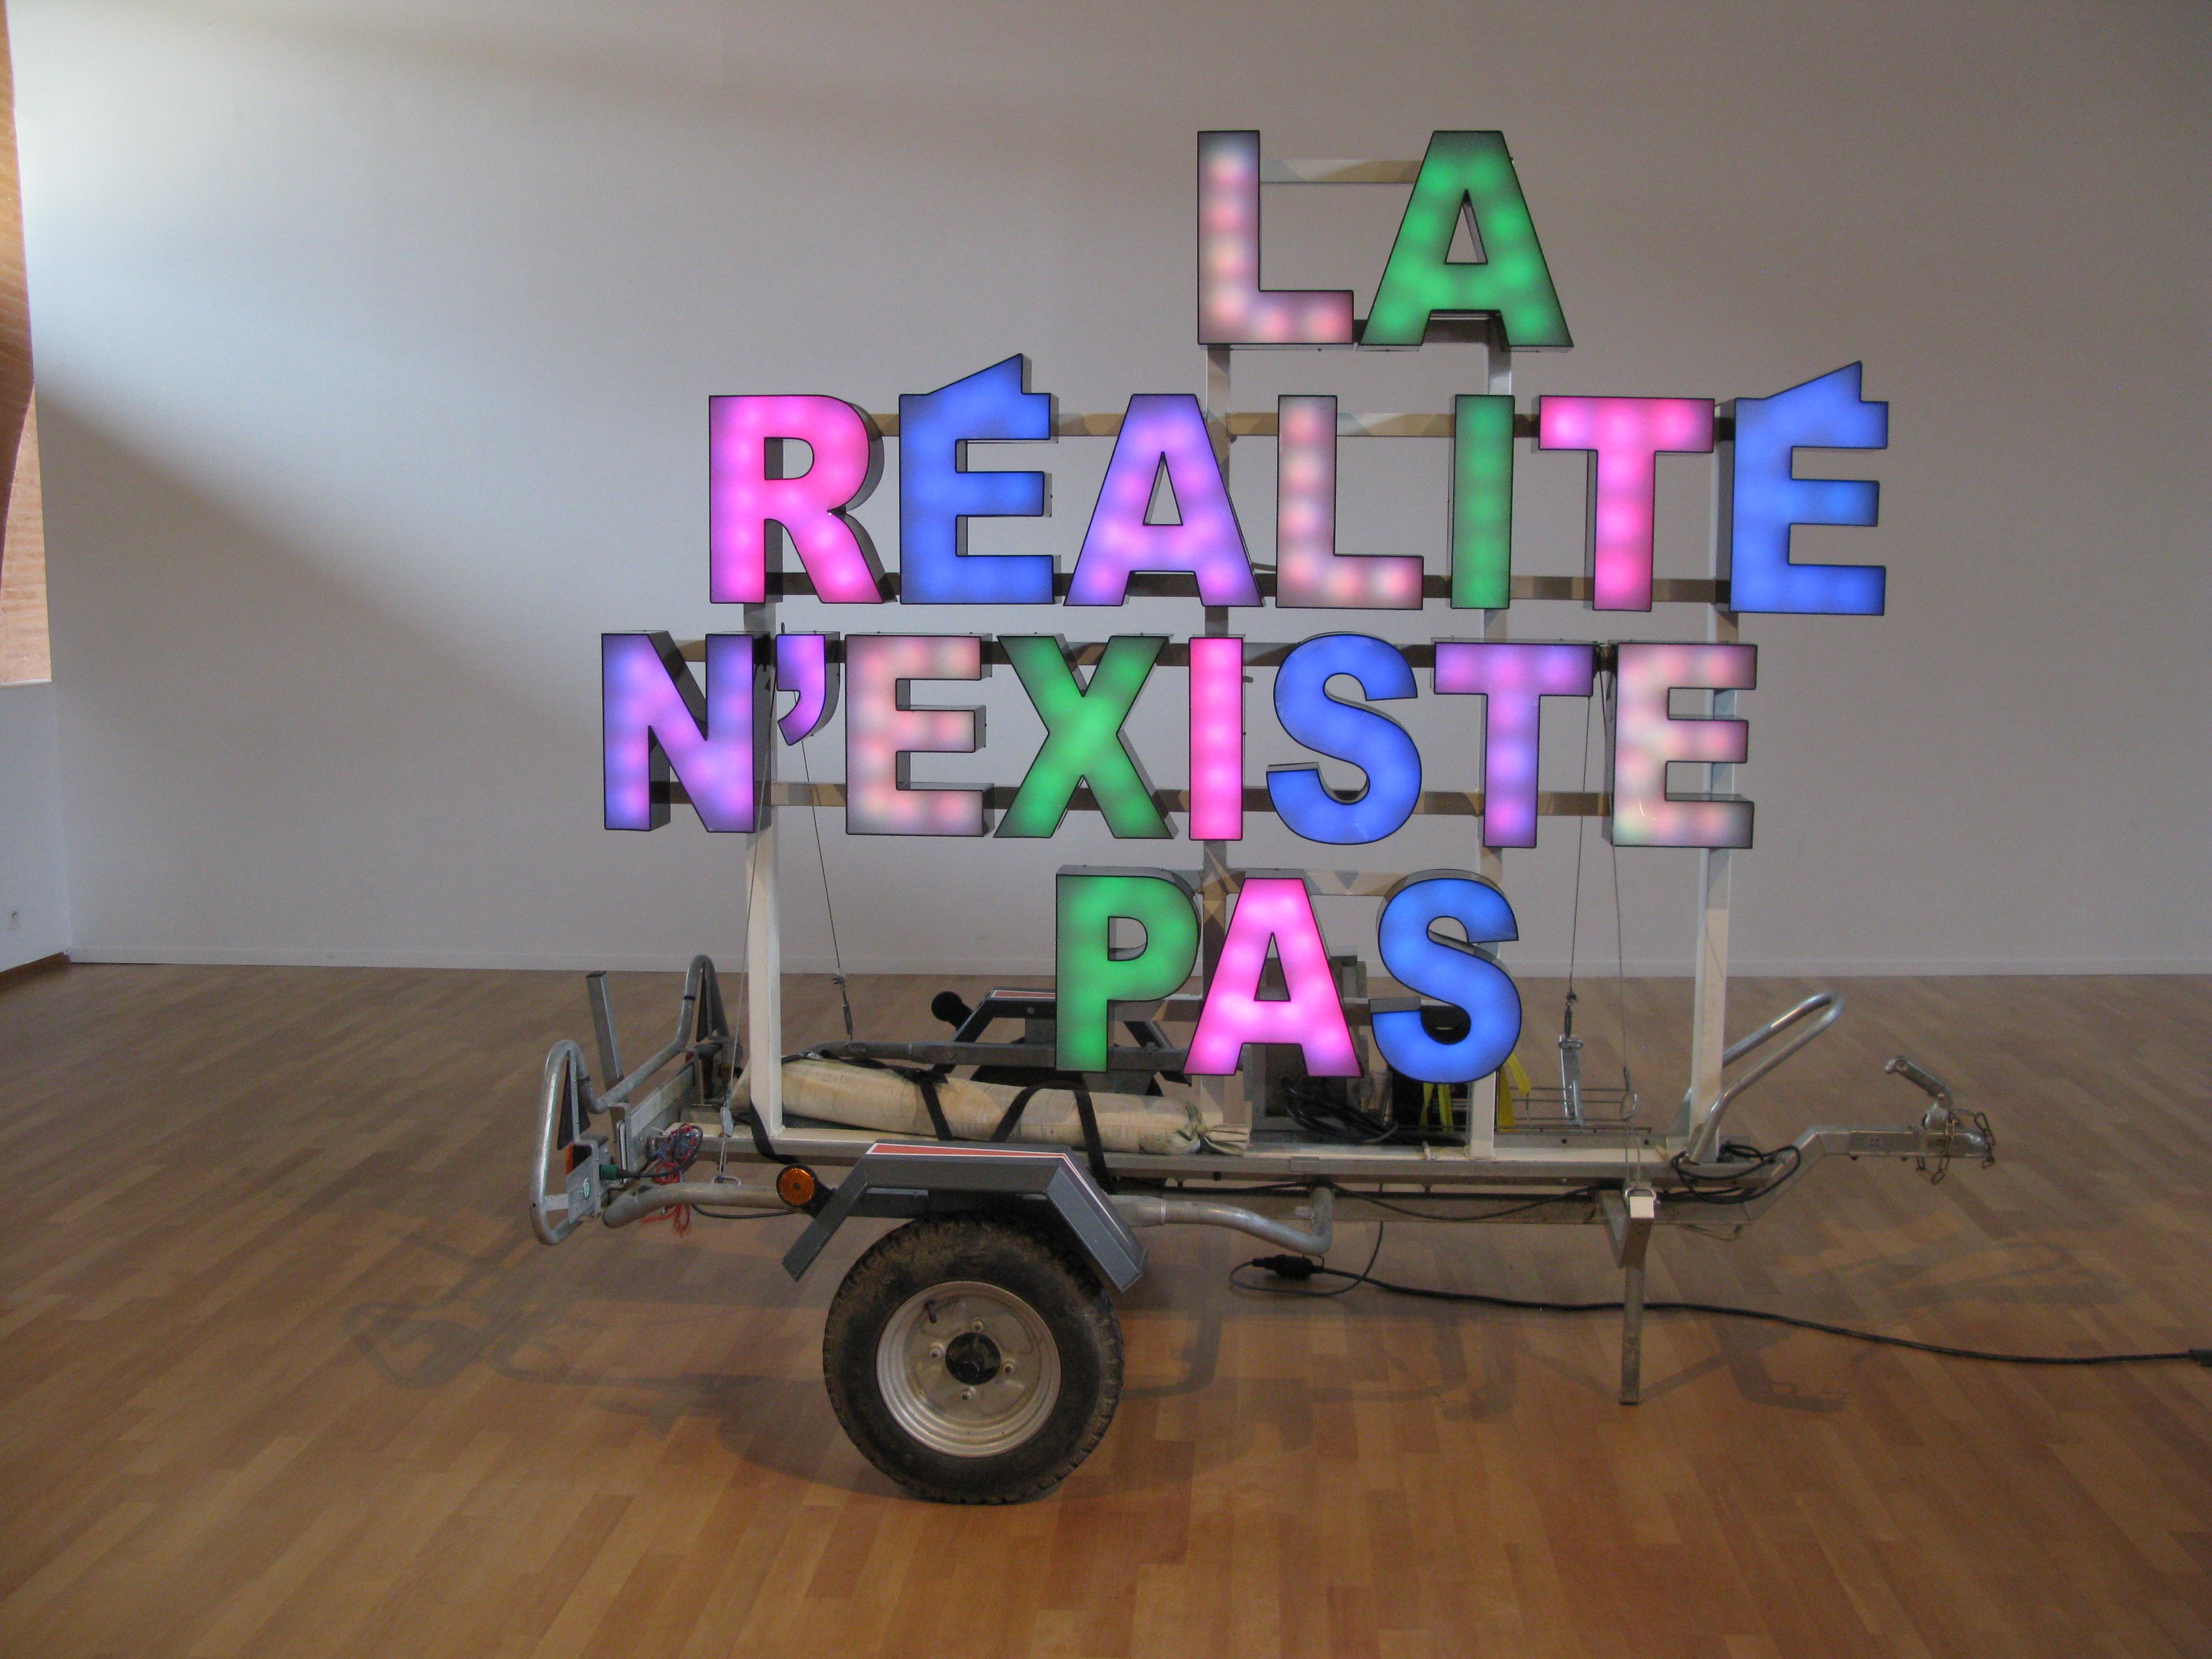 La realite n'existe pas - ALP Le Collectif - 2005